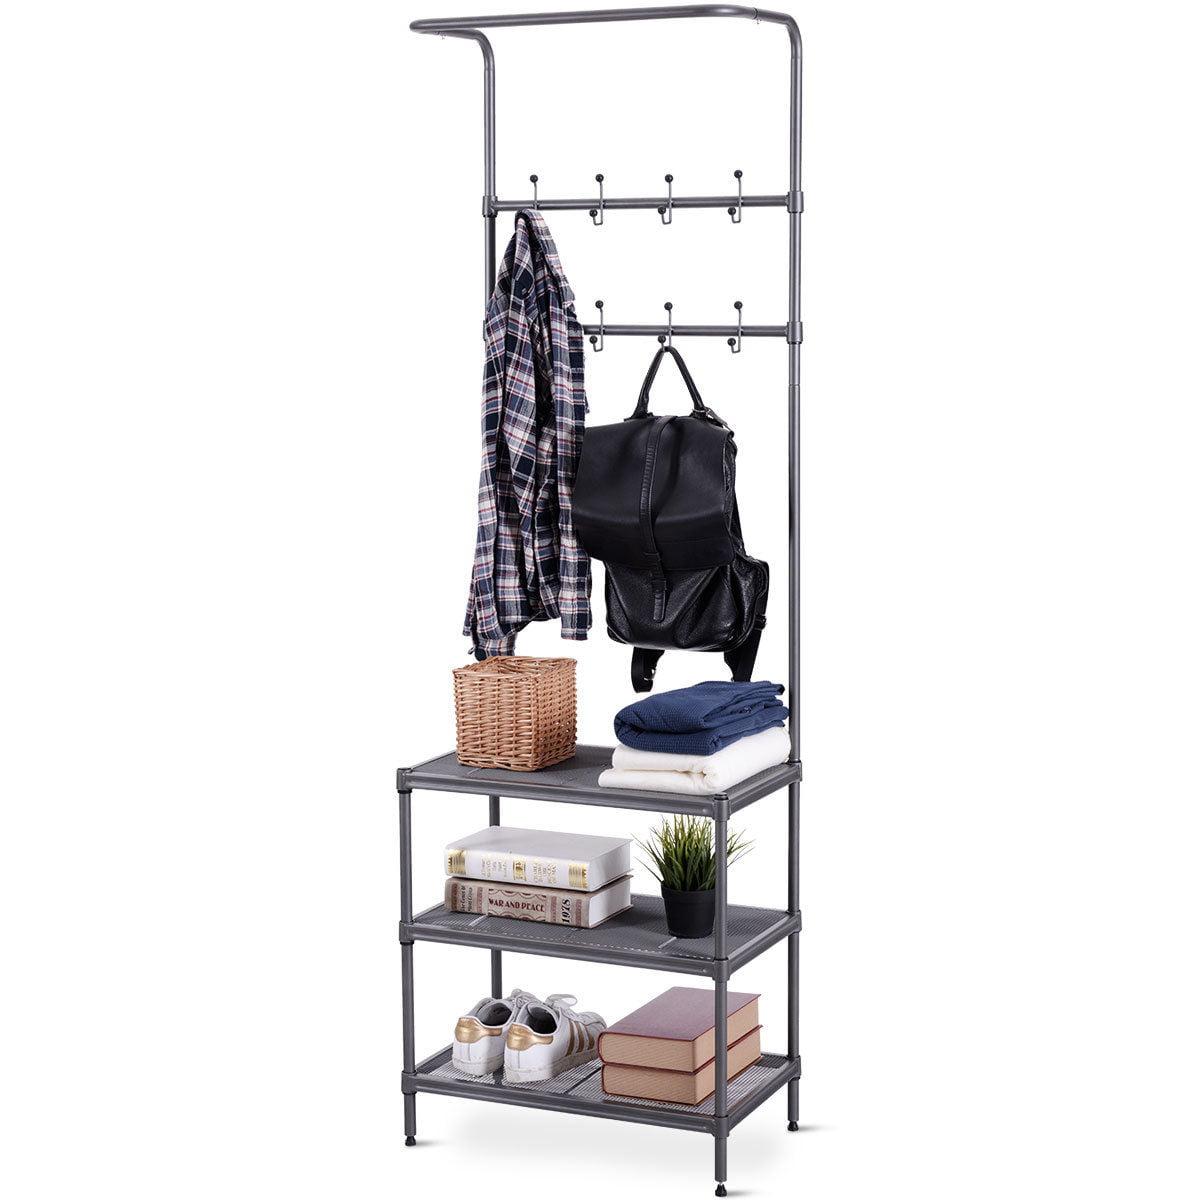 Costway Metal Entryway Coat Hat Shoes Rack 3 Tier Storage Shelf 16